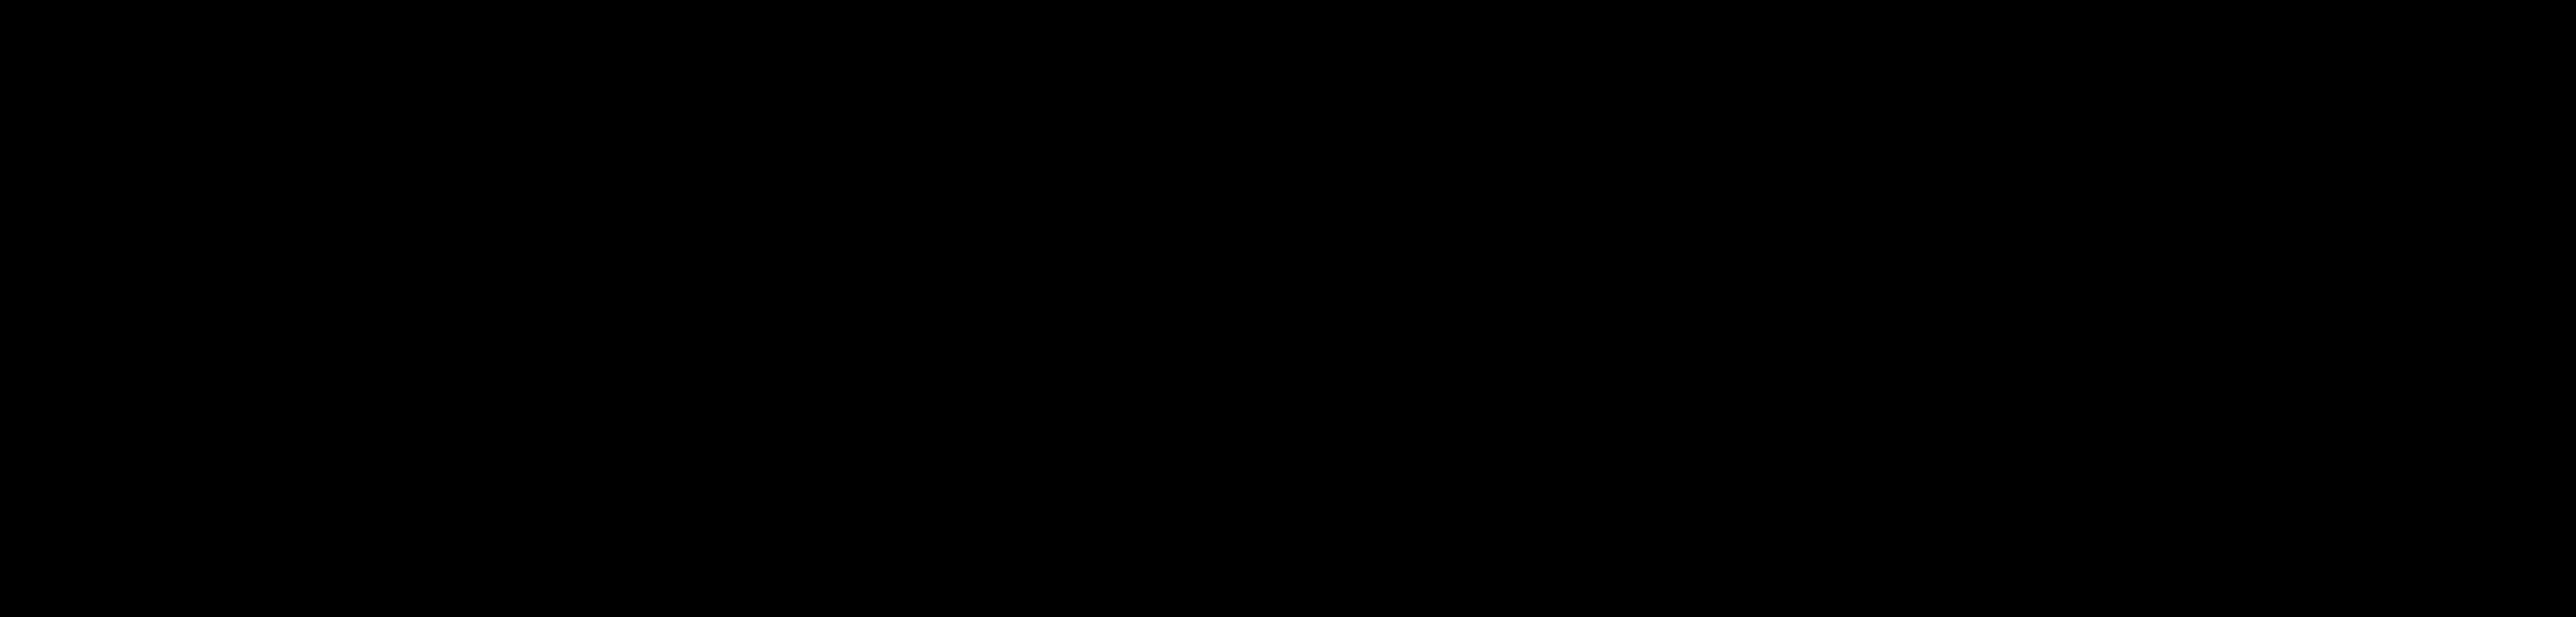 Marriott Logos Download